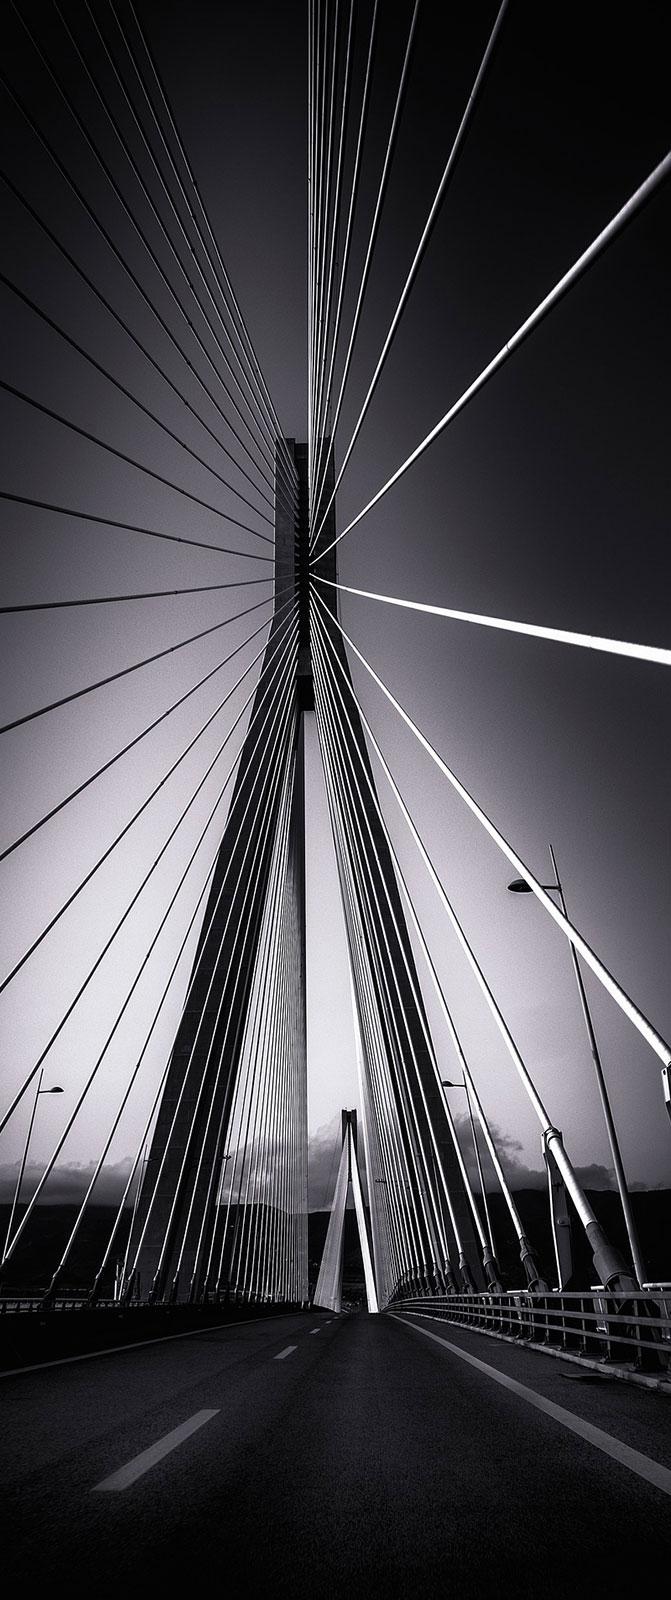 ponte - Servizi evolveeng